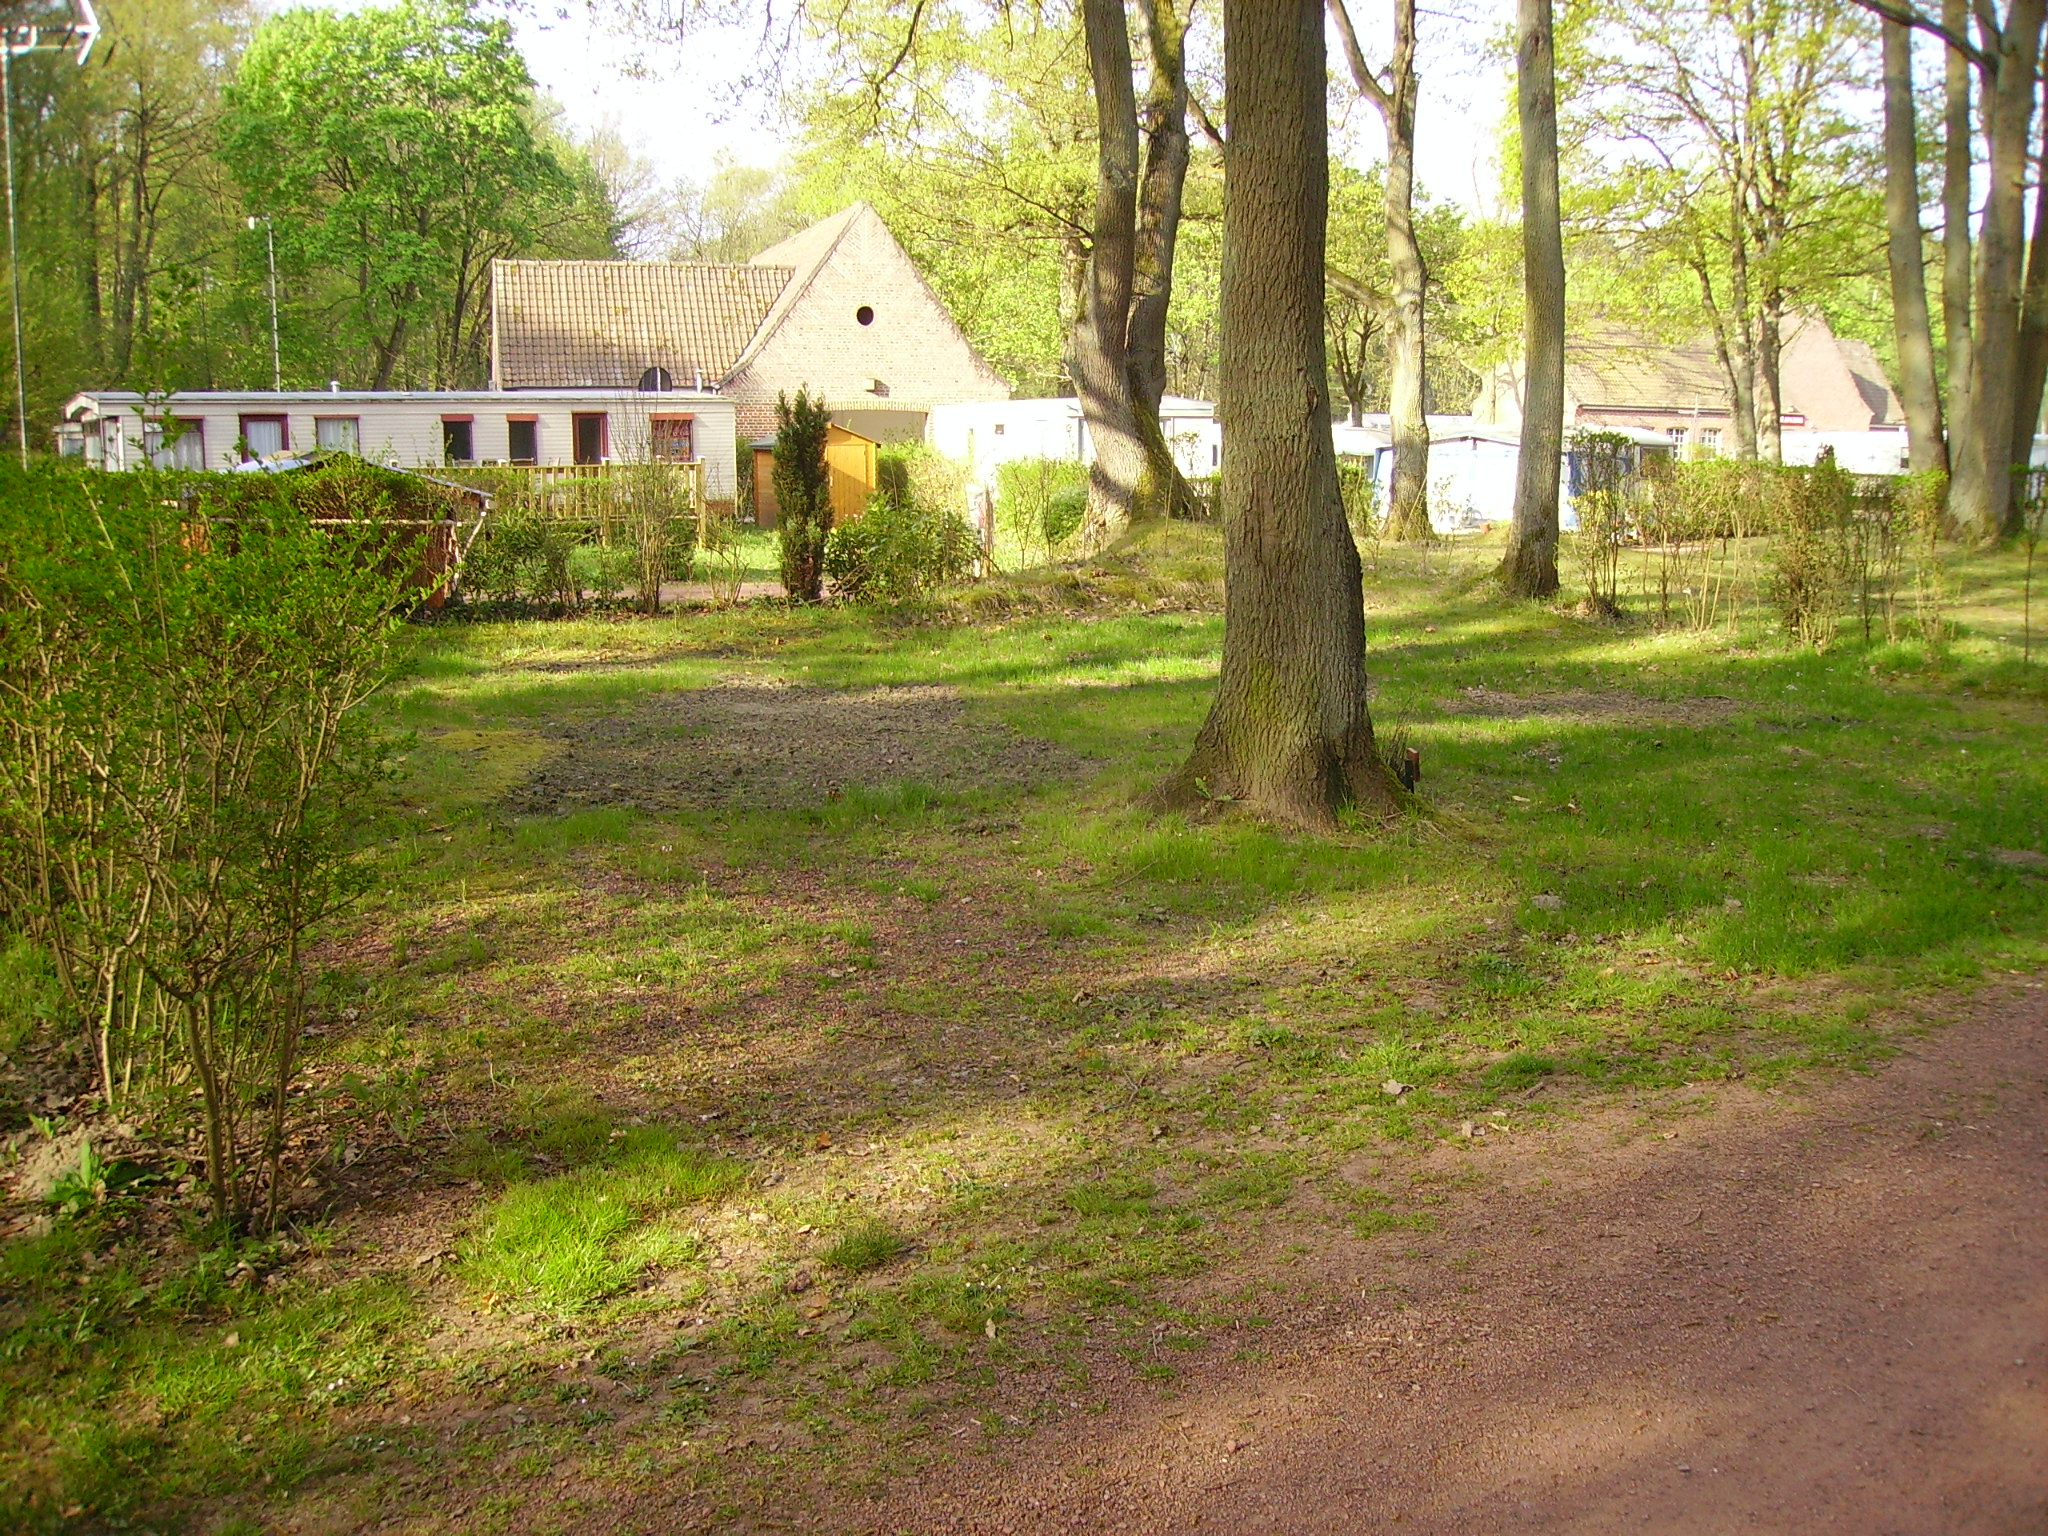 Campingmontdesbruyeres concernant Piscine St Amand Les Eaux